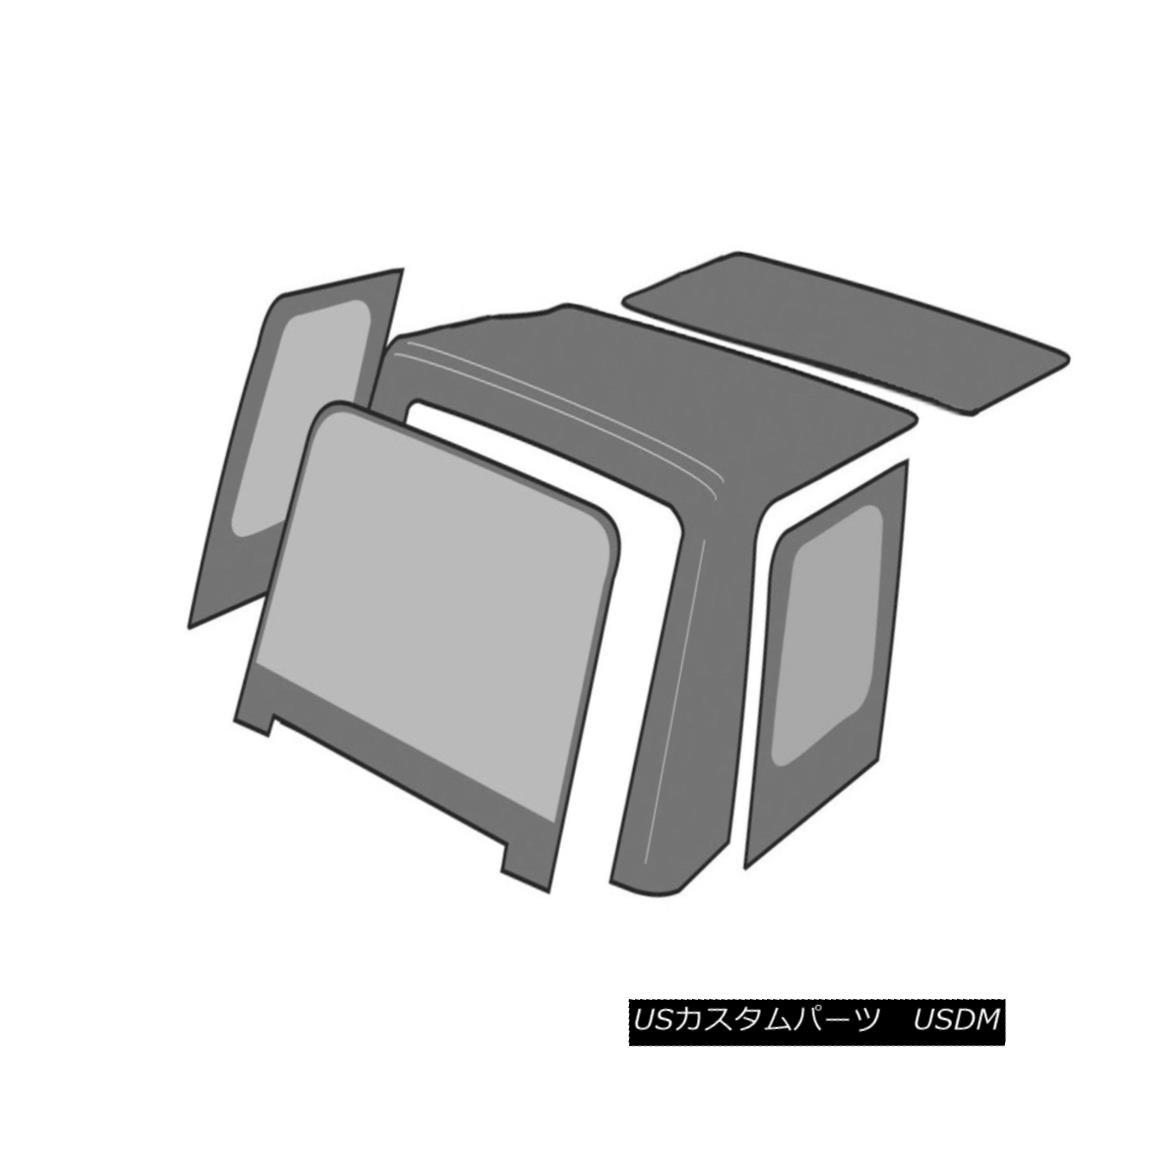 幌・ソフトトップ Rampage 99415 Factory Replacement Soft Top Fits 87-95 Wrangler (YJ) Rampage 99415 Factory Replacementソフトトップフィット87-95 Wrangler(YJ)